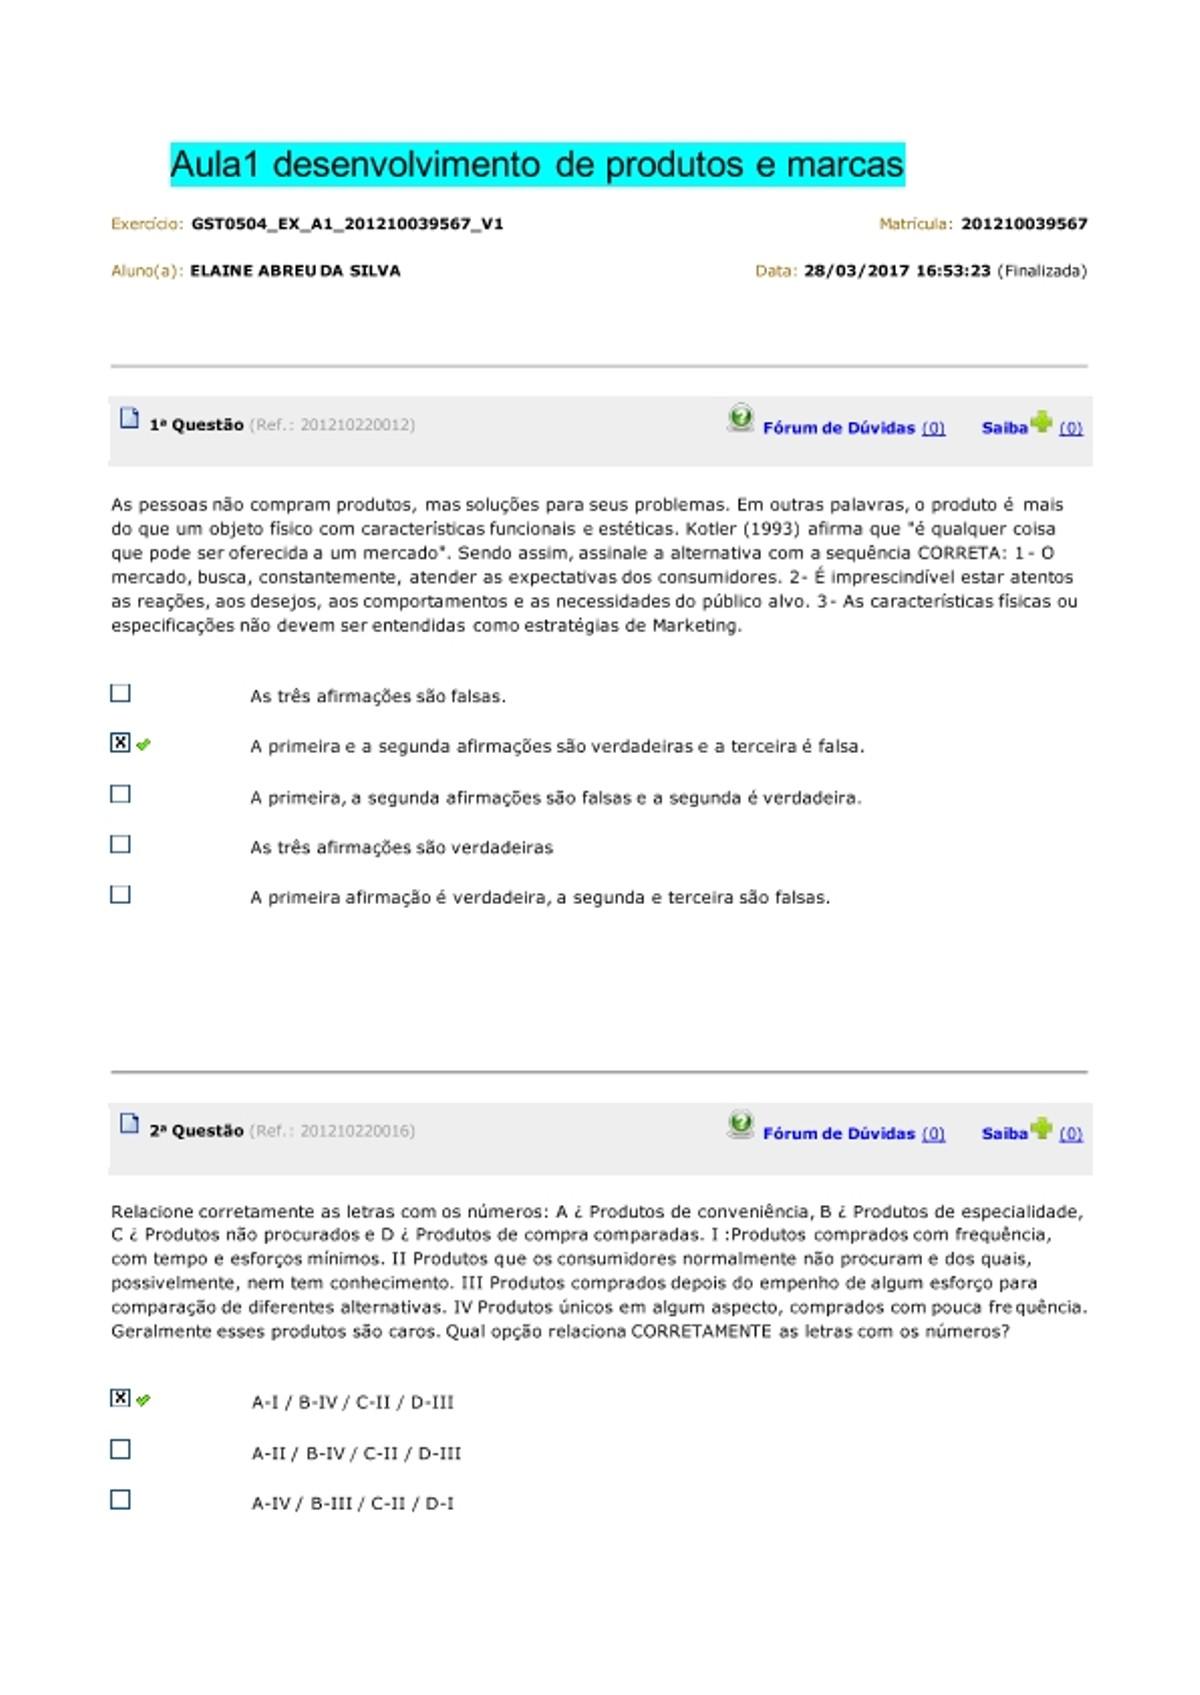 Pre-visualização do material desenvolvimento de produtos e marcas - página 1